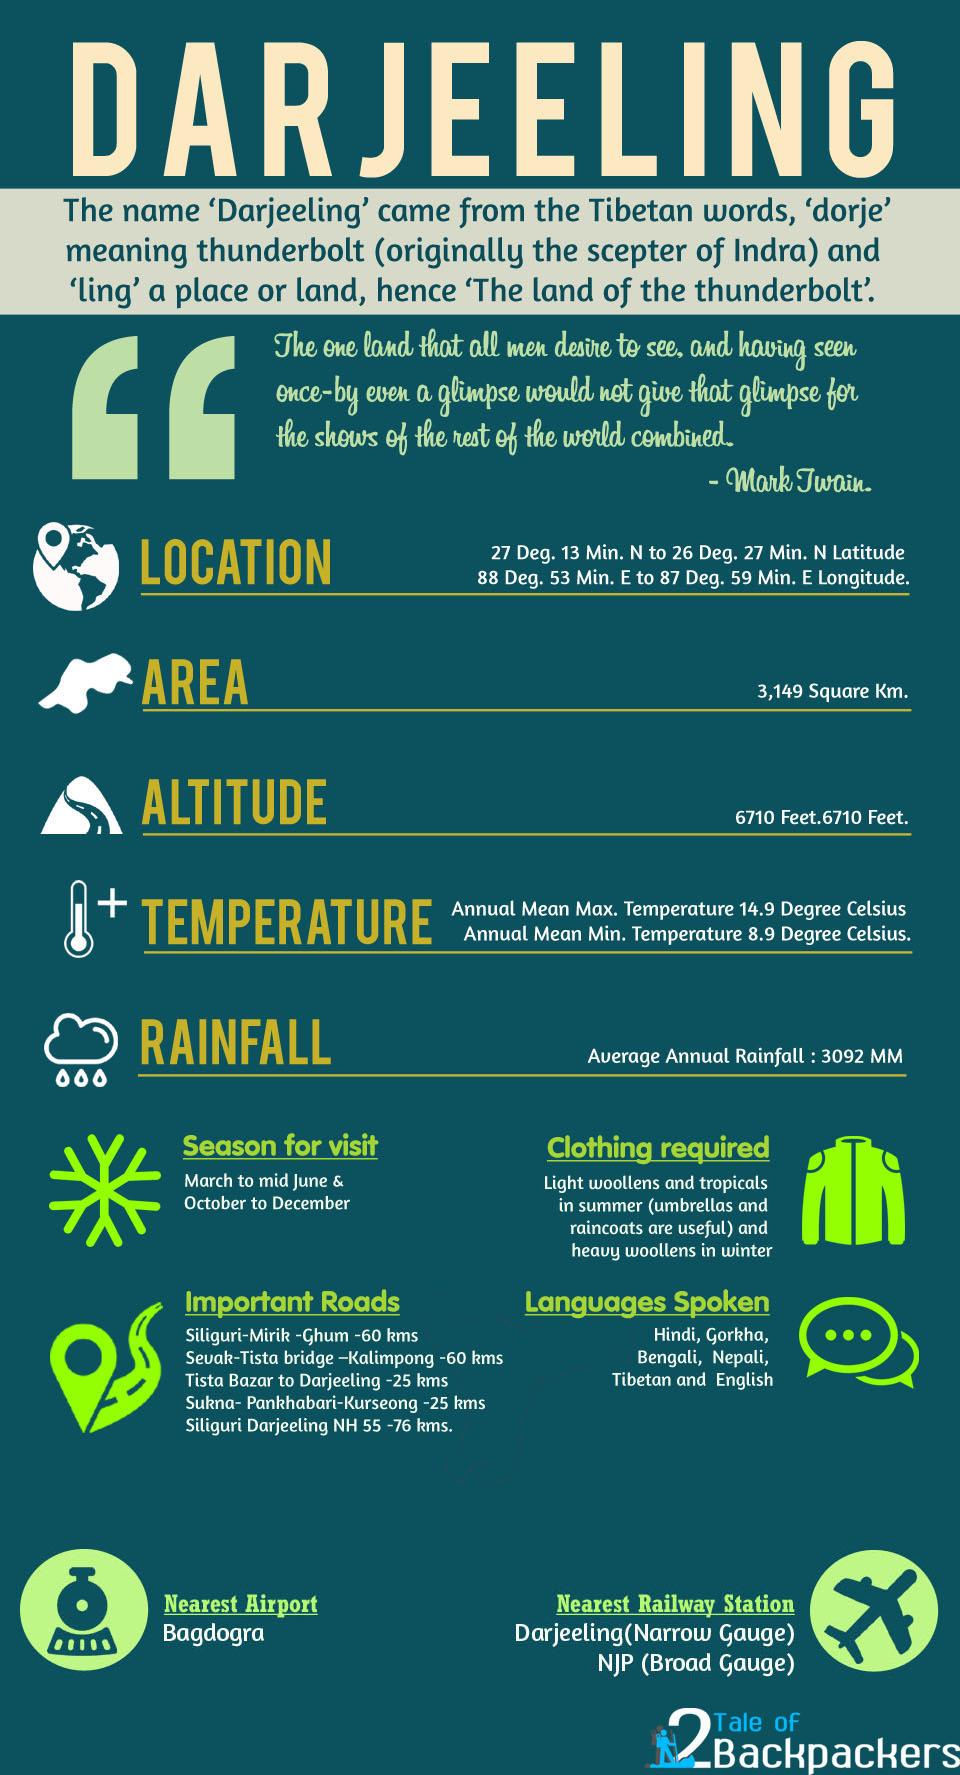 Darjeeling info